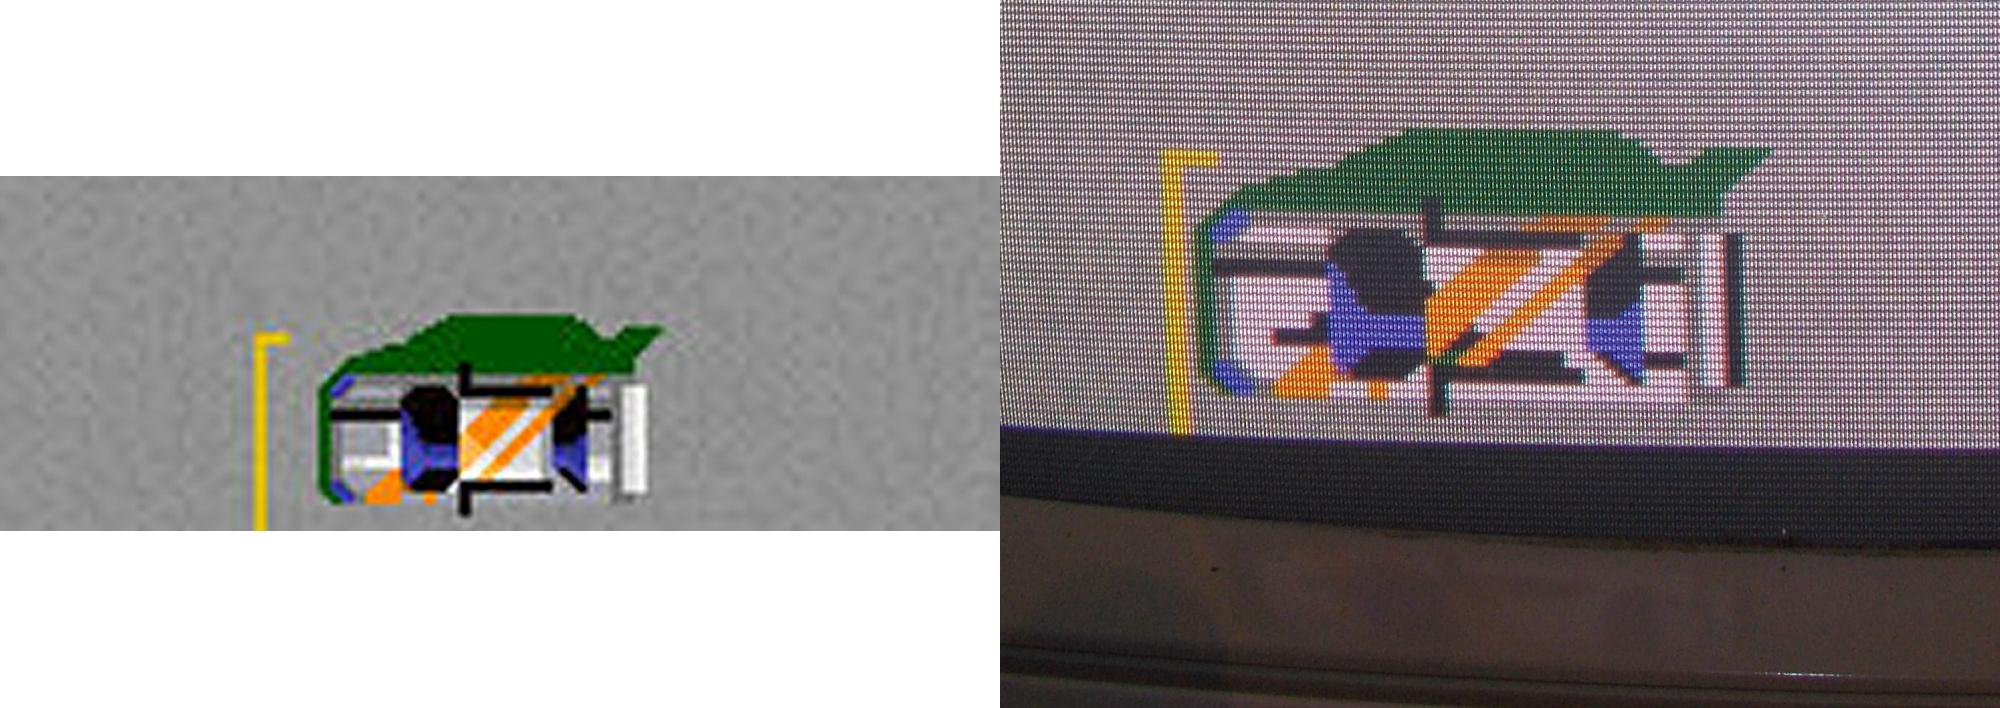 sprites_comparison